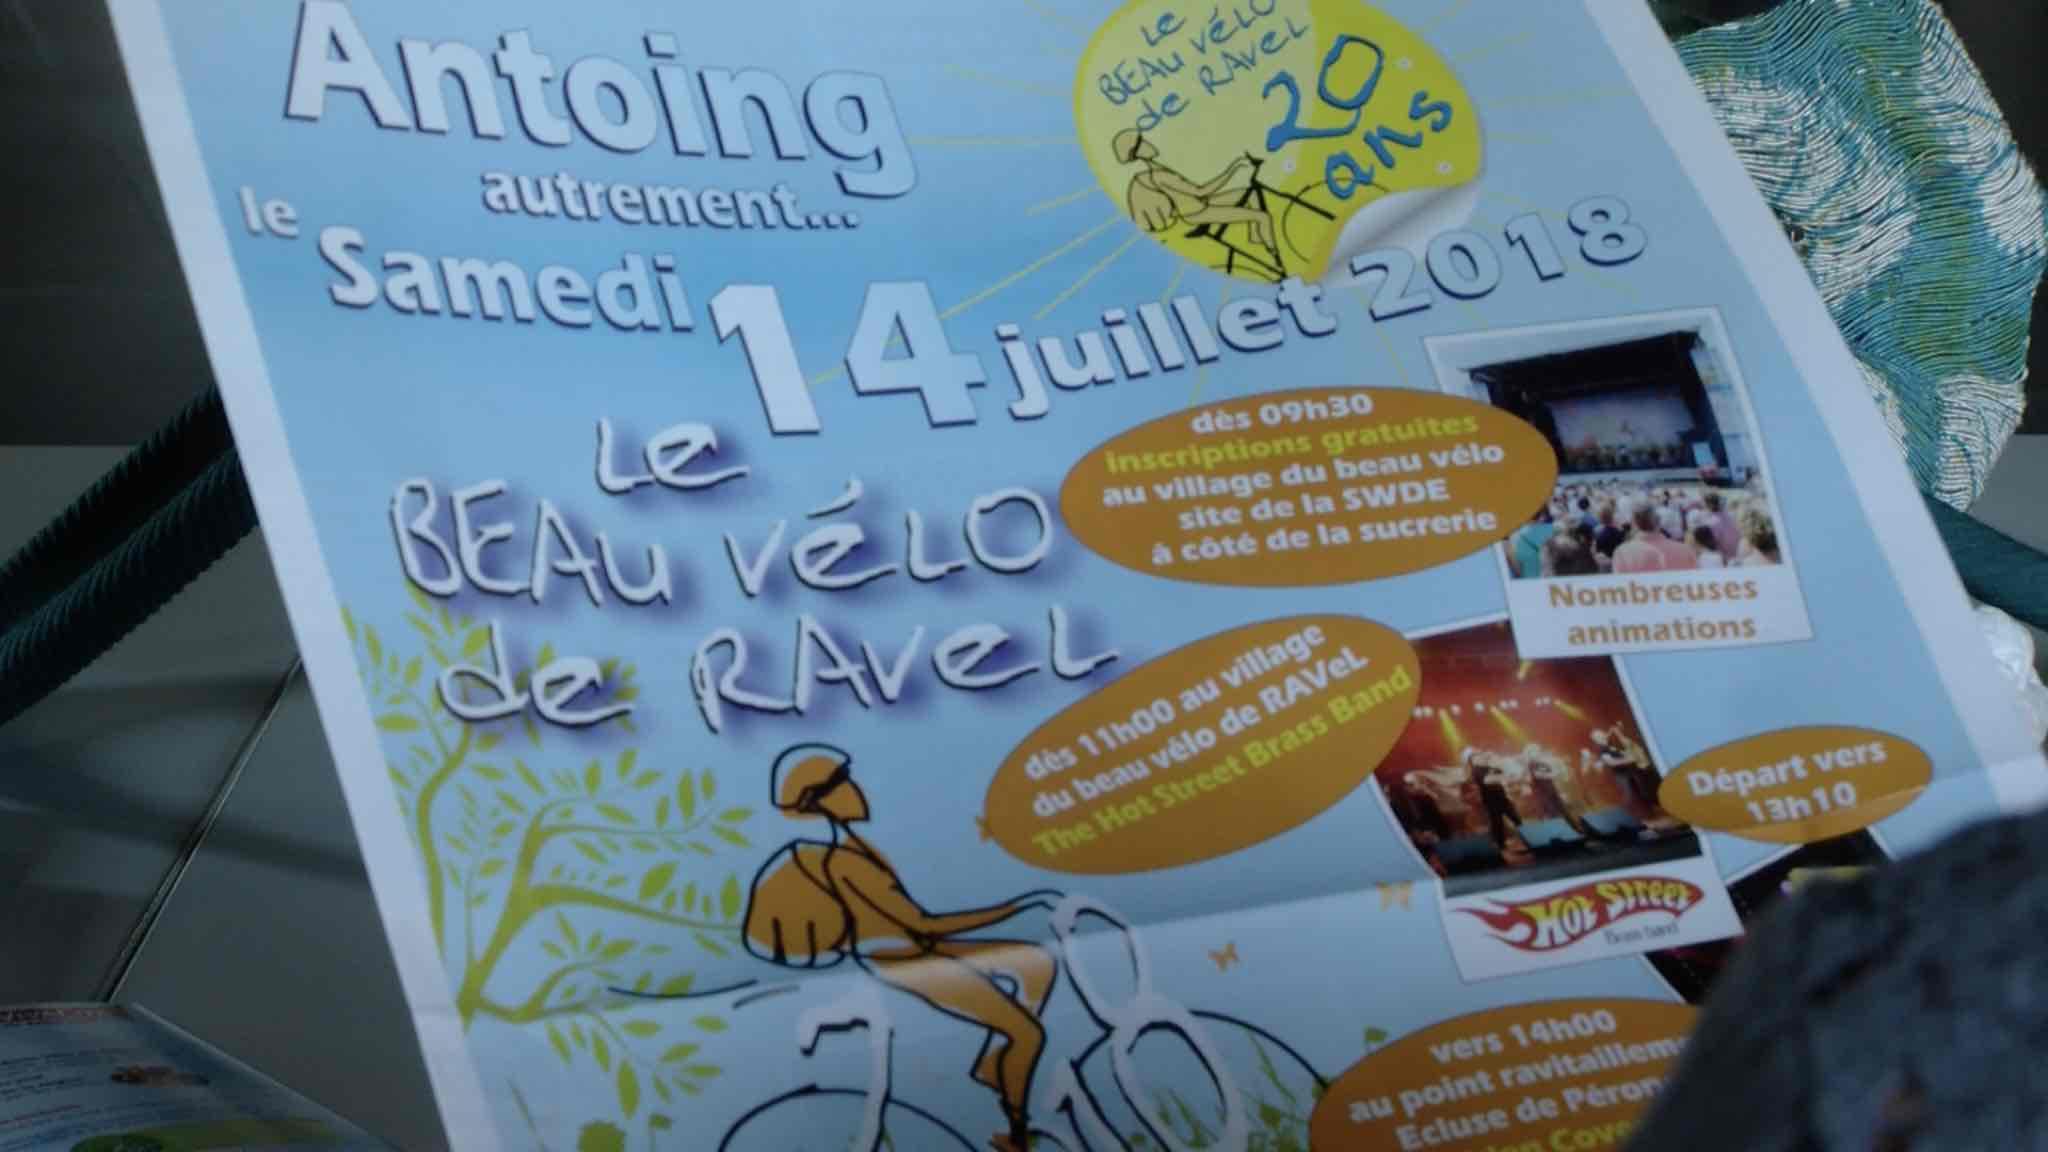 Le beau vélo de ravel fera étape au Pays Blanc